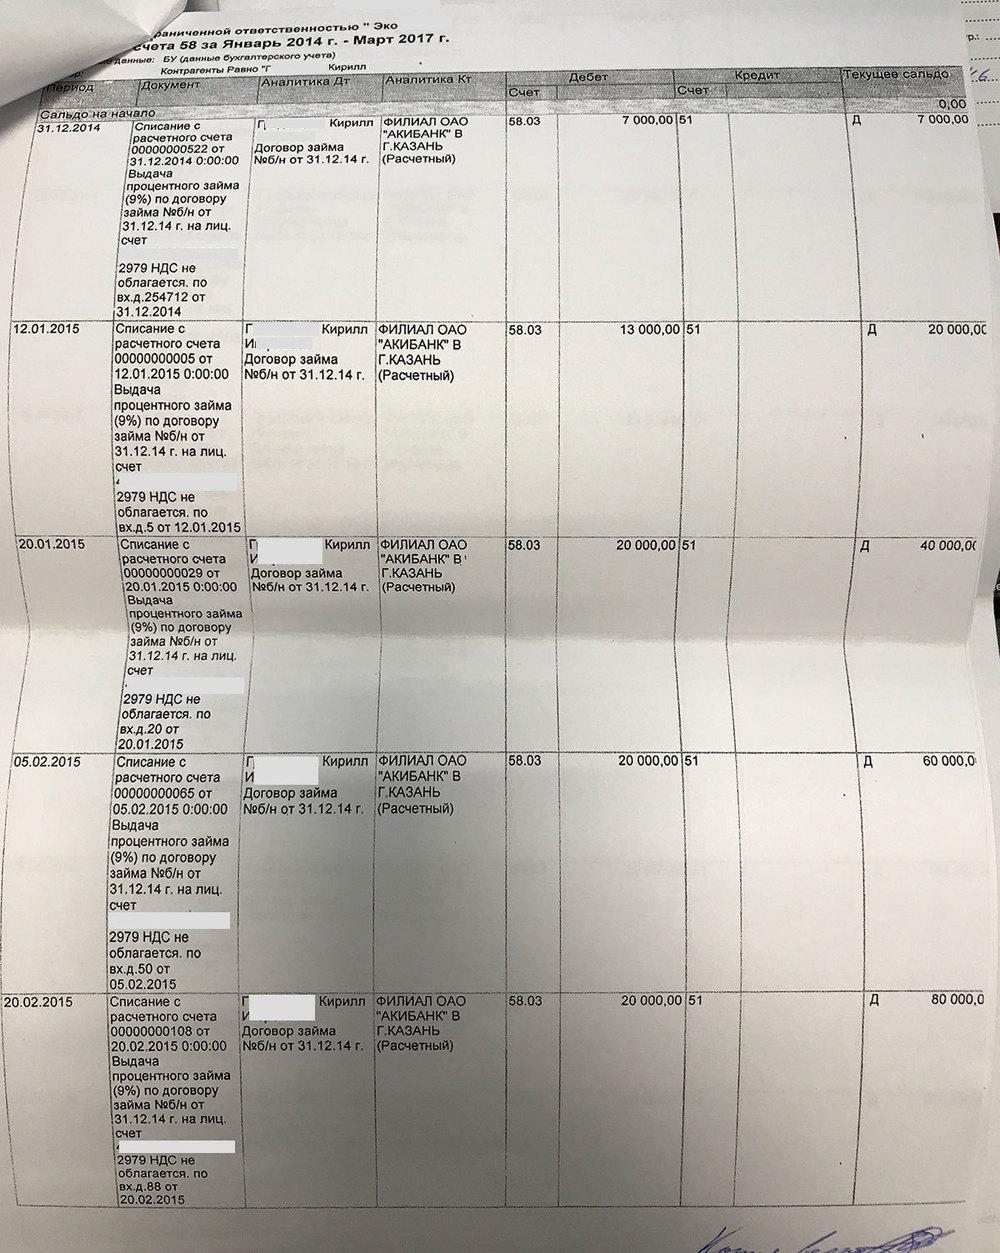 банк русский стандарт отзывы клиентов по кредитам наличными орел